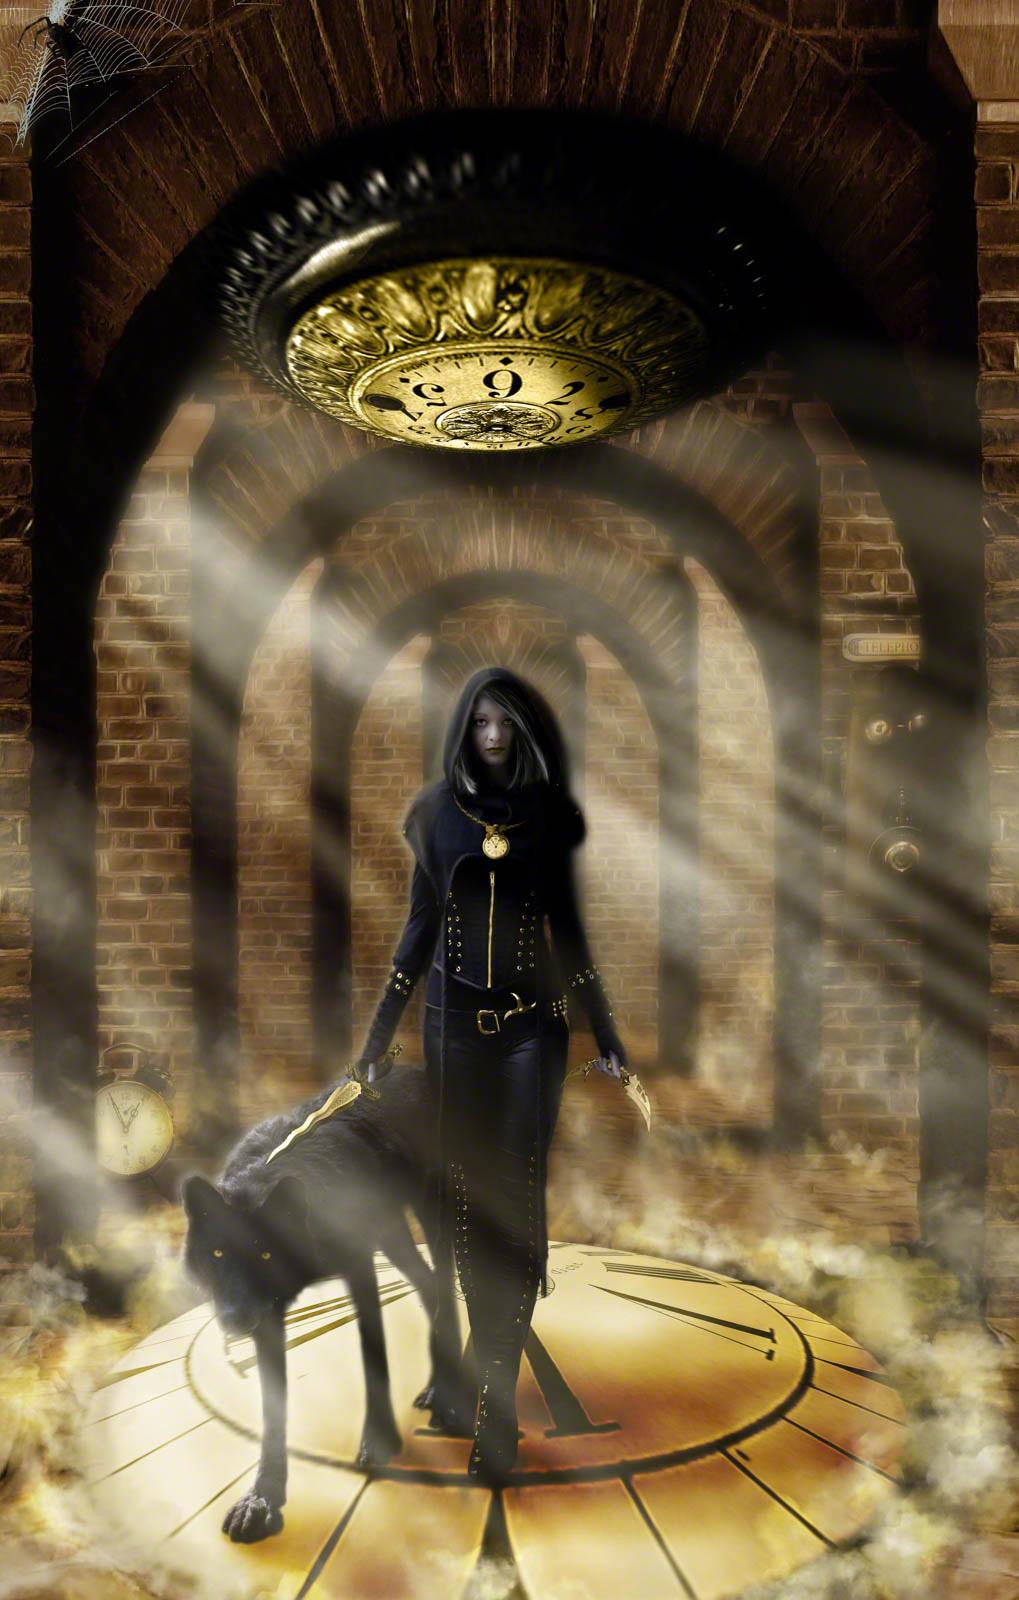 Digital Art: Assassin